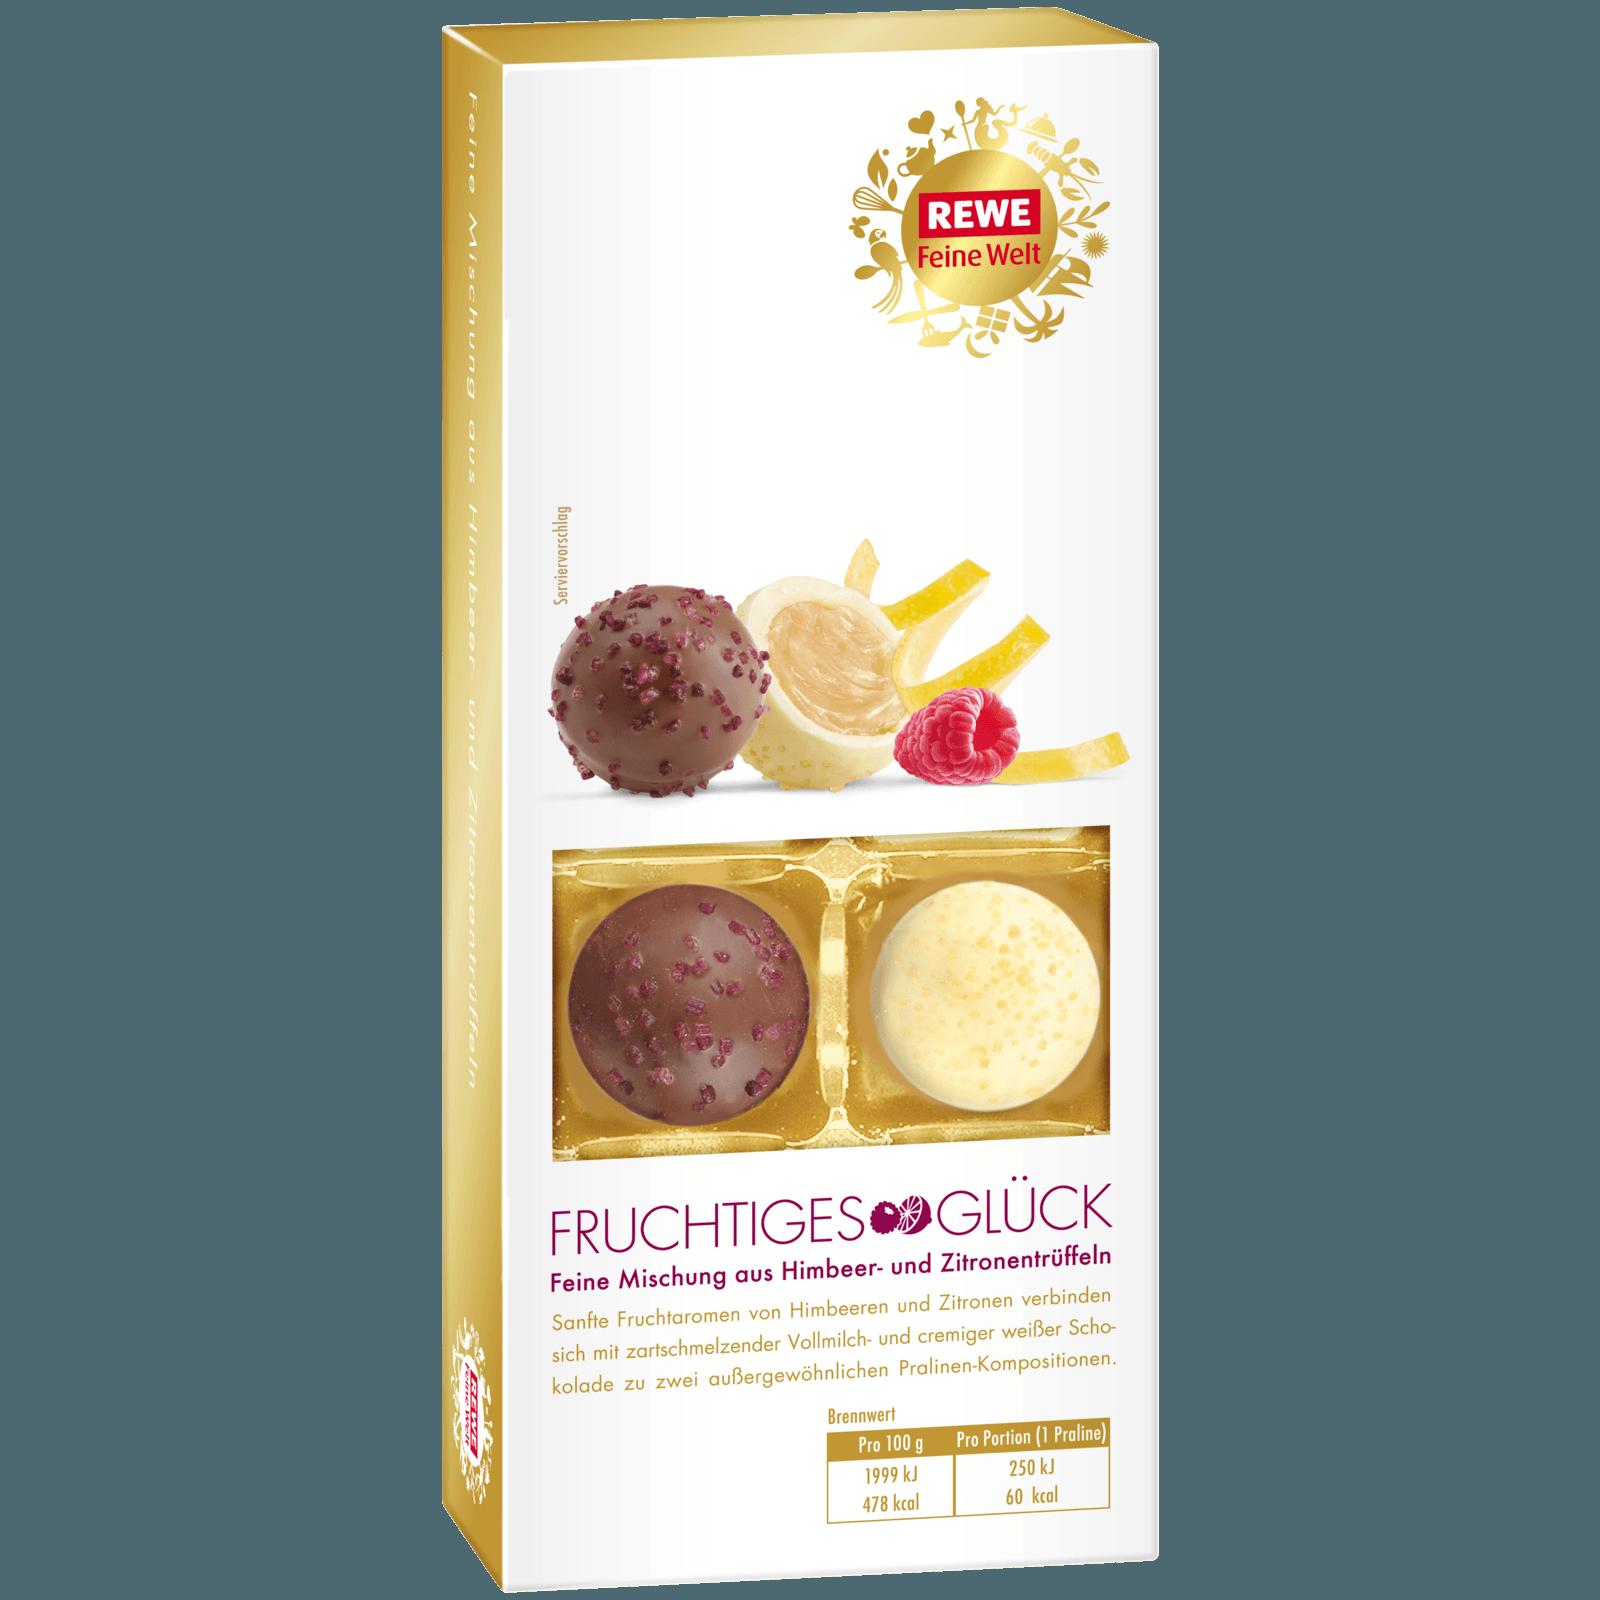 REWE Feine Welt Trüffel-Mix Fruchtiges Glück 100g